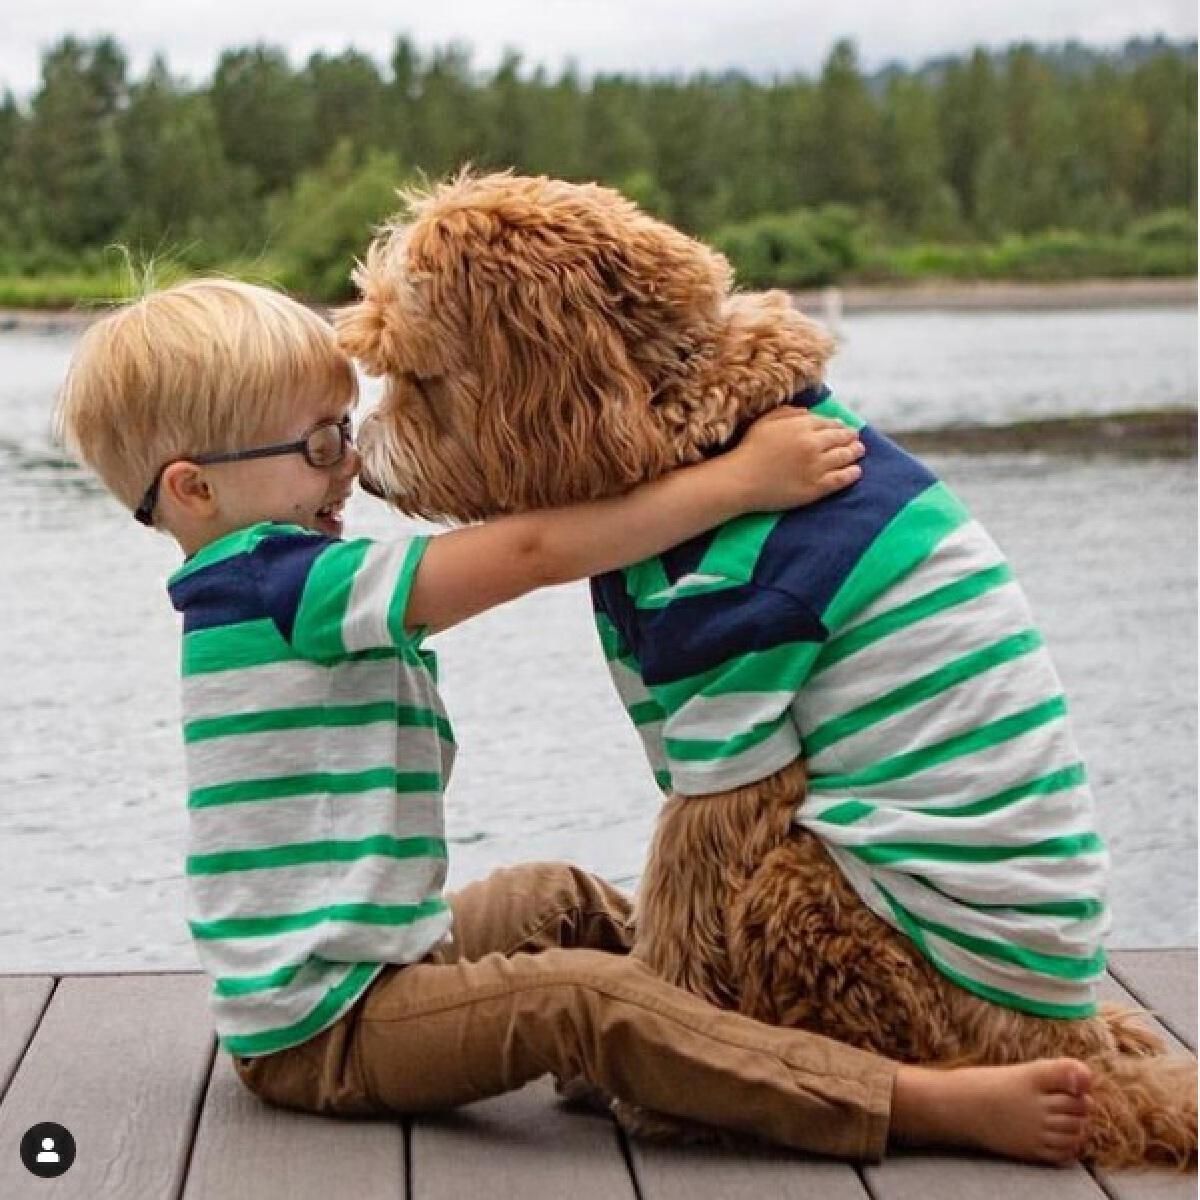 คู่หูเด็กน้อย-น้องหมา เติบโตมาด้วยกันทุกวินาที...